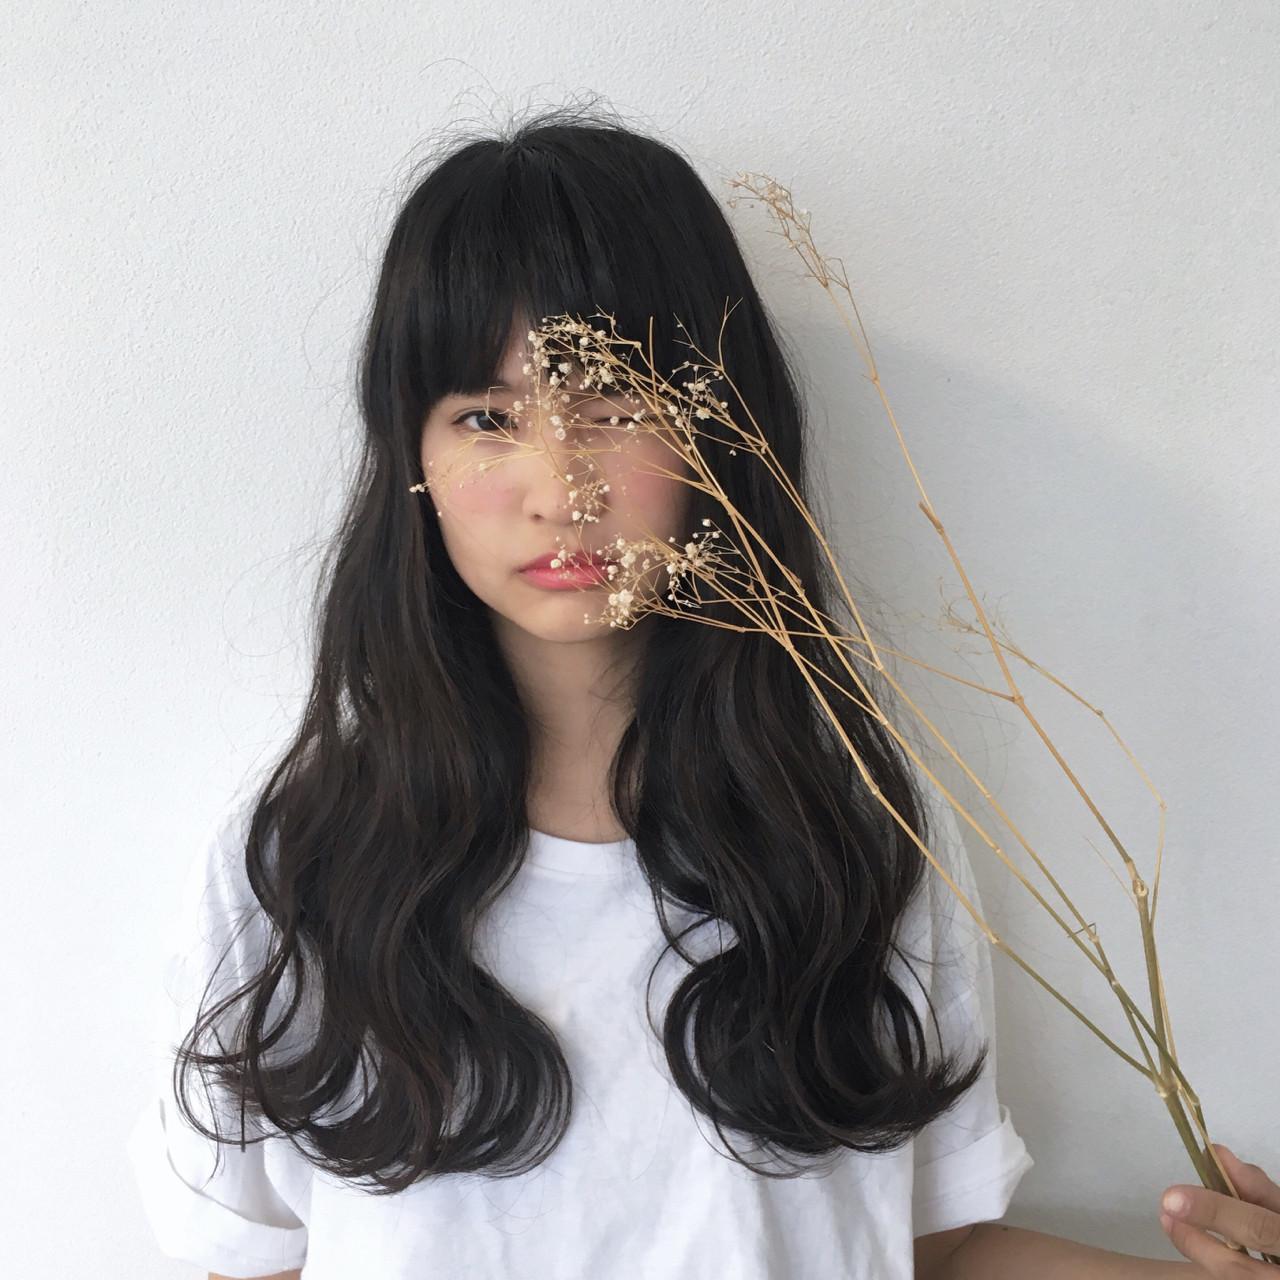 簡単ヘアアレンジ 外国人風 黒髪 ロング ヘアスタイルや髪型の写真・画像